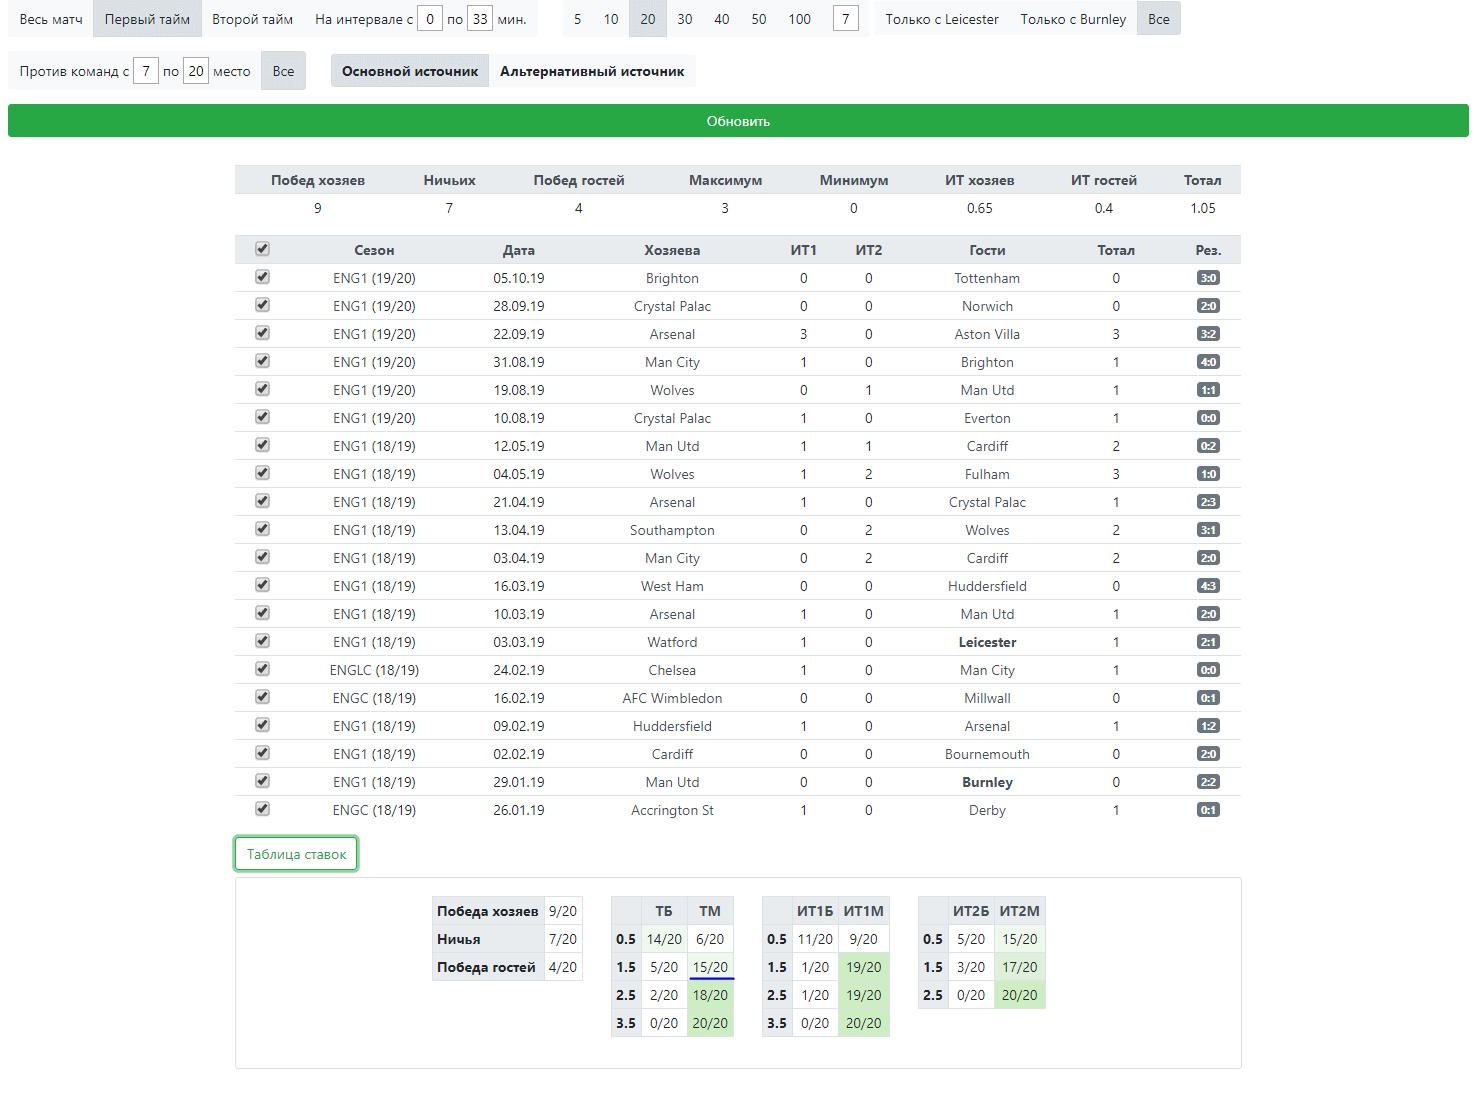 Статистика Мосса за первые таймы. Внизу Таблица ставок.